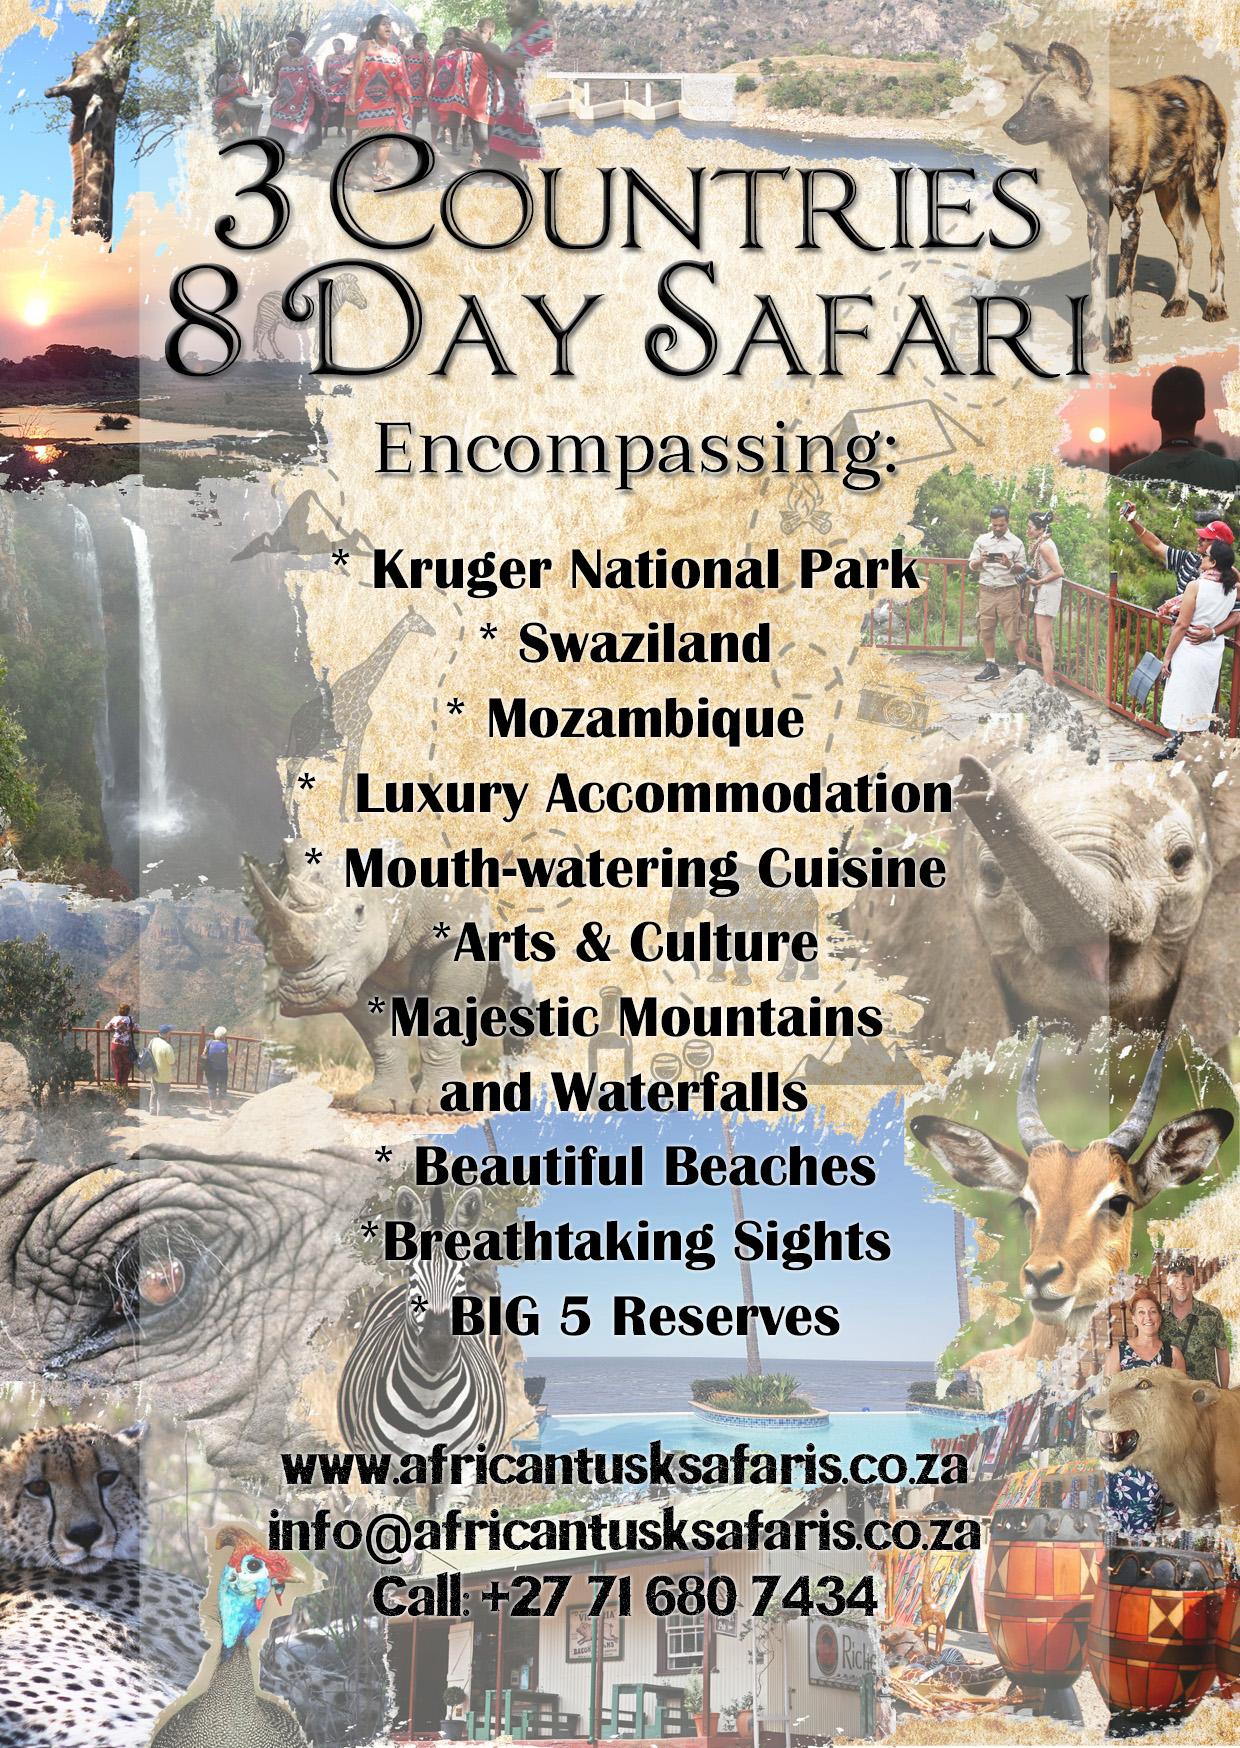 #africantusksafaris